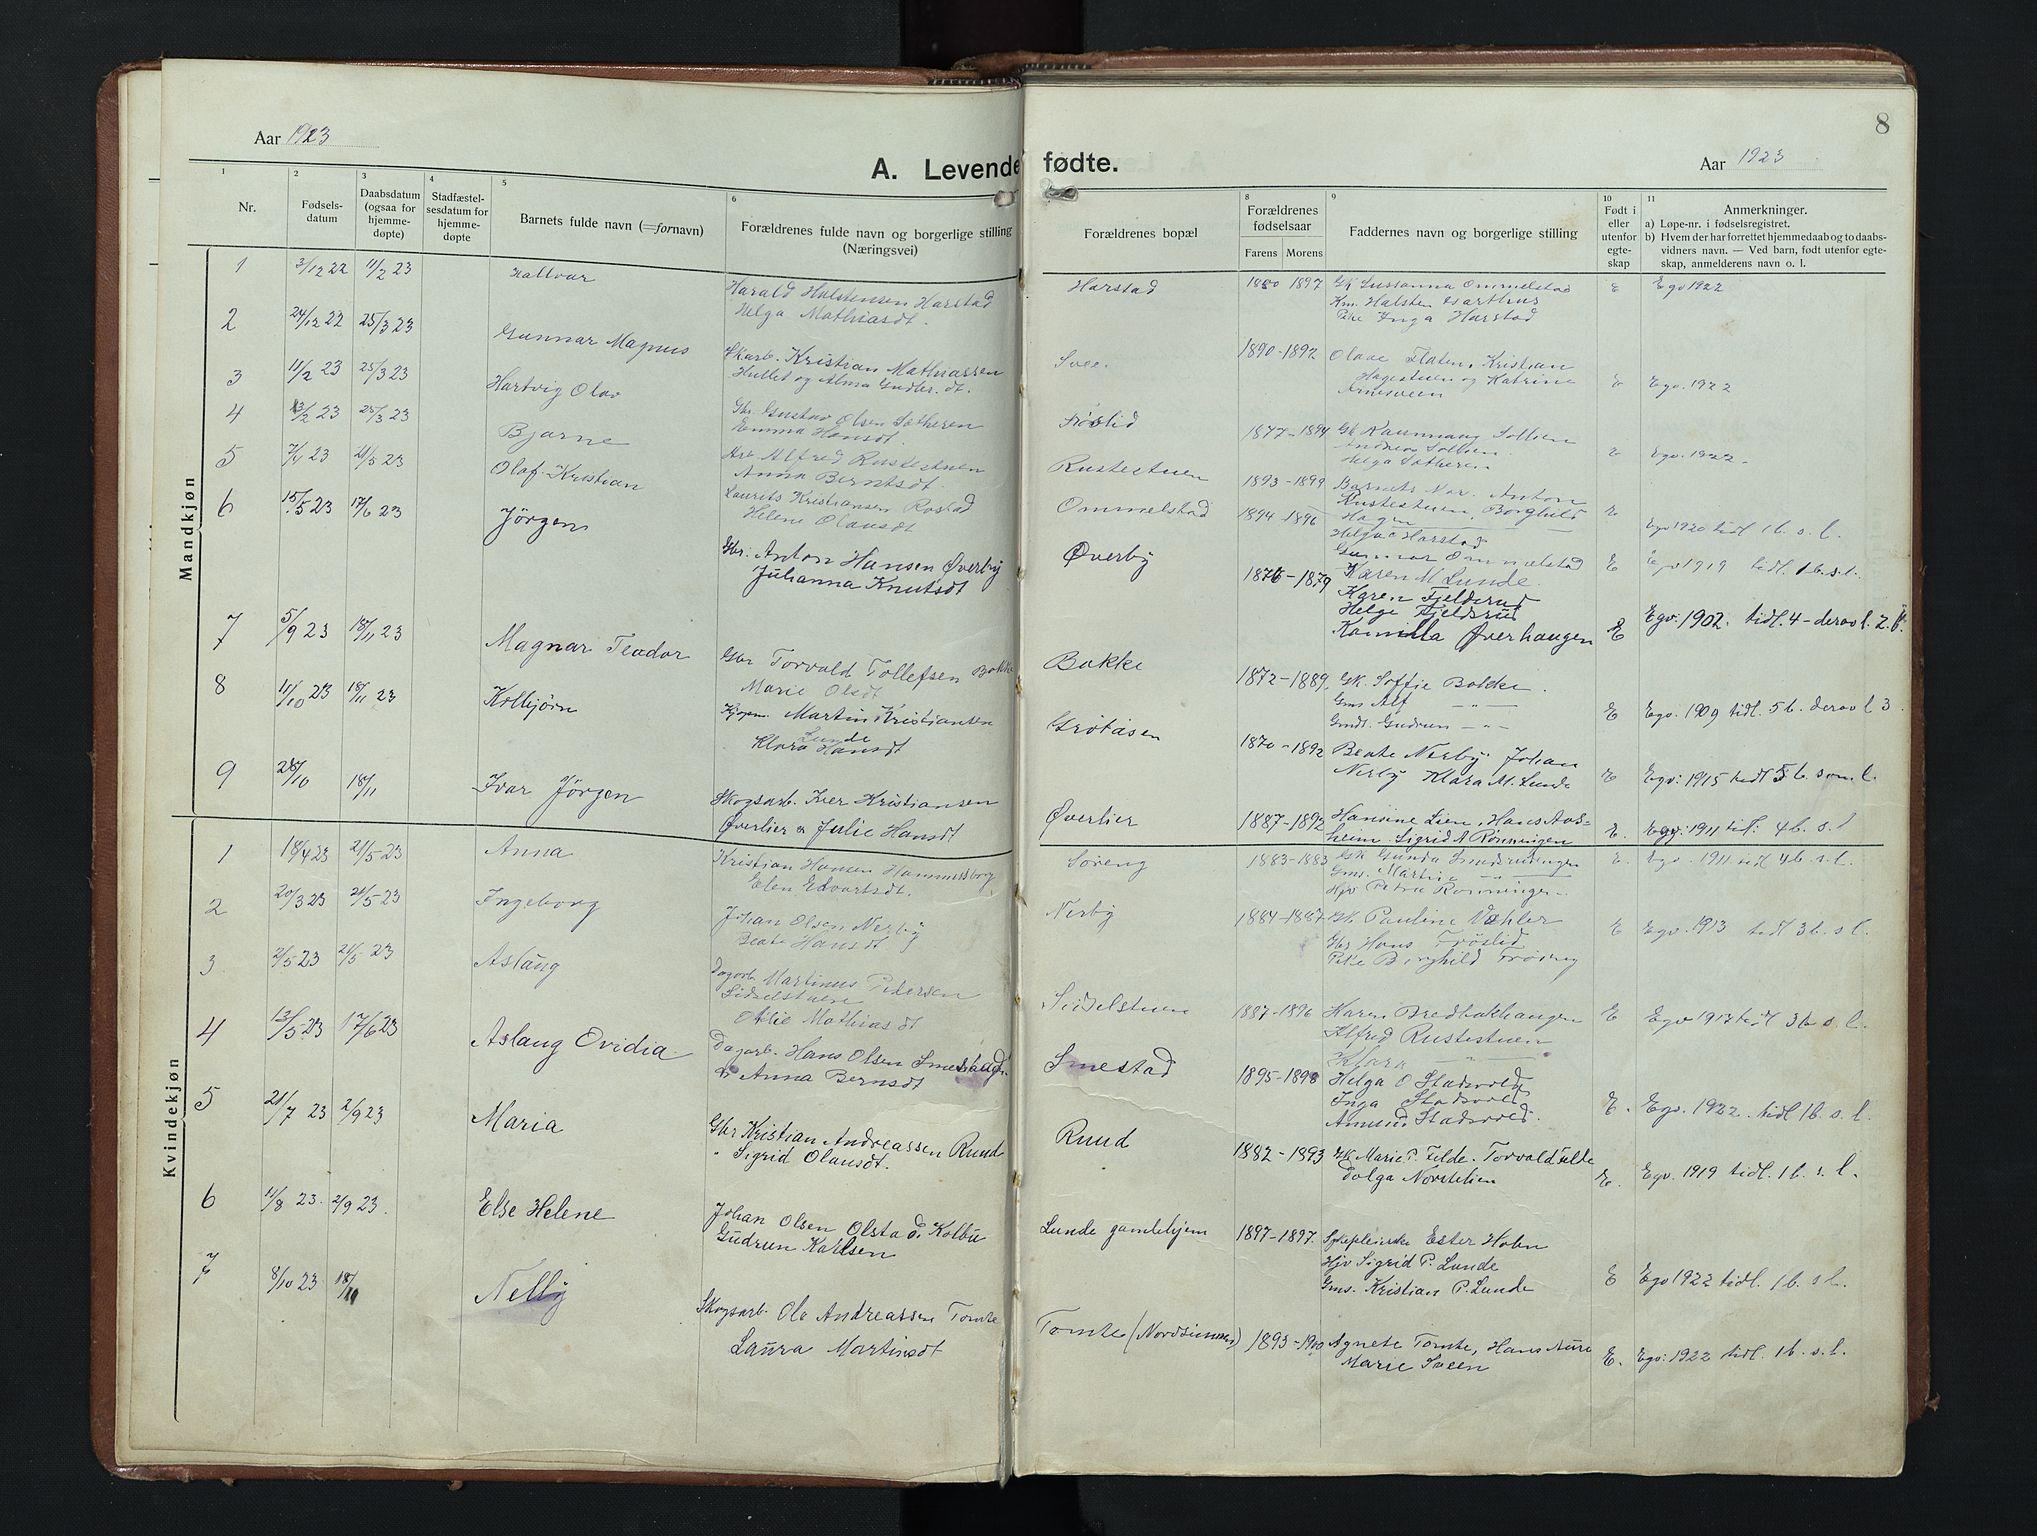 SAH, Nordre Land prestekontor, Klokkerbok nr. 9, 1921-1956, s. 8